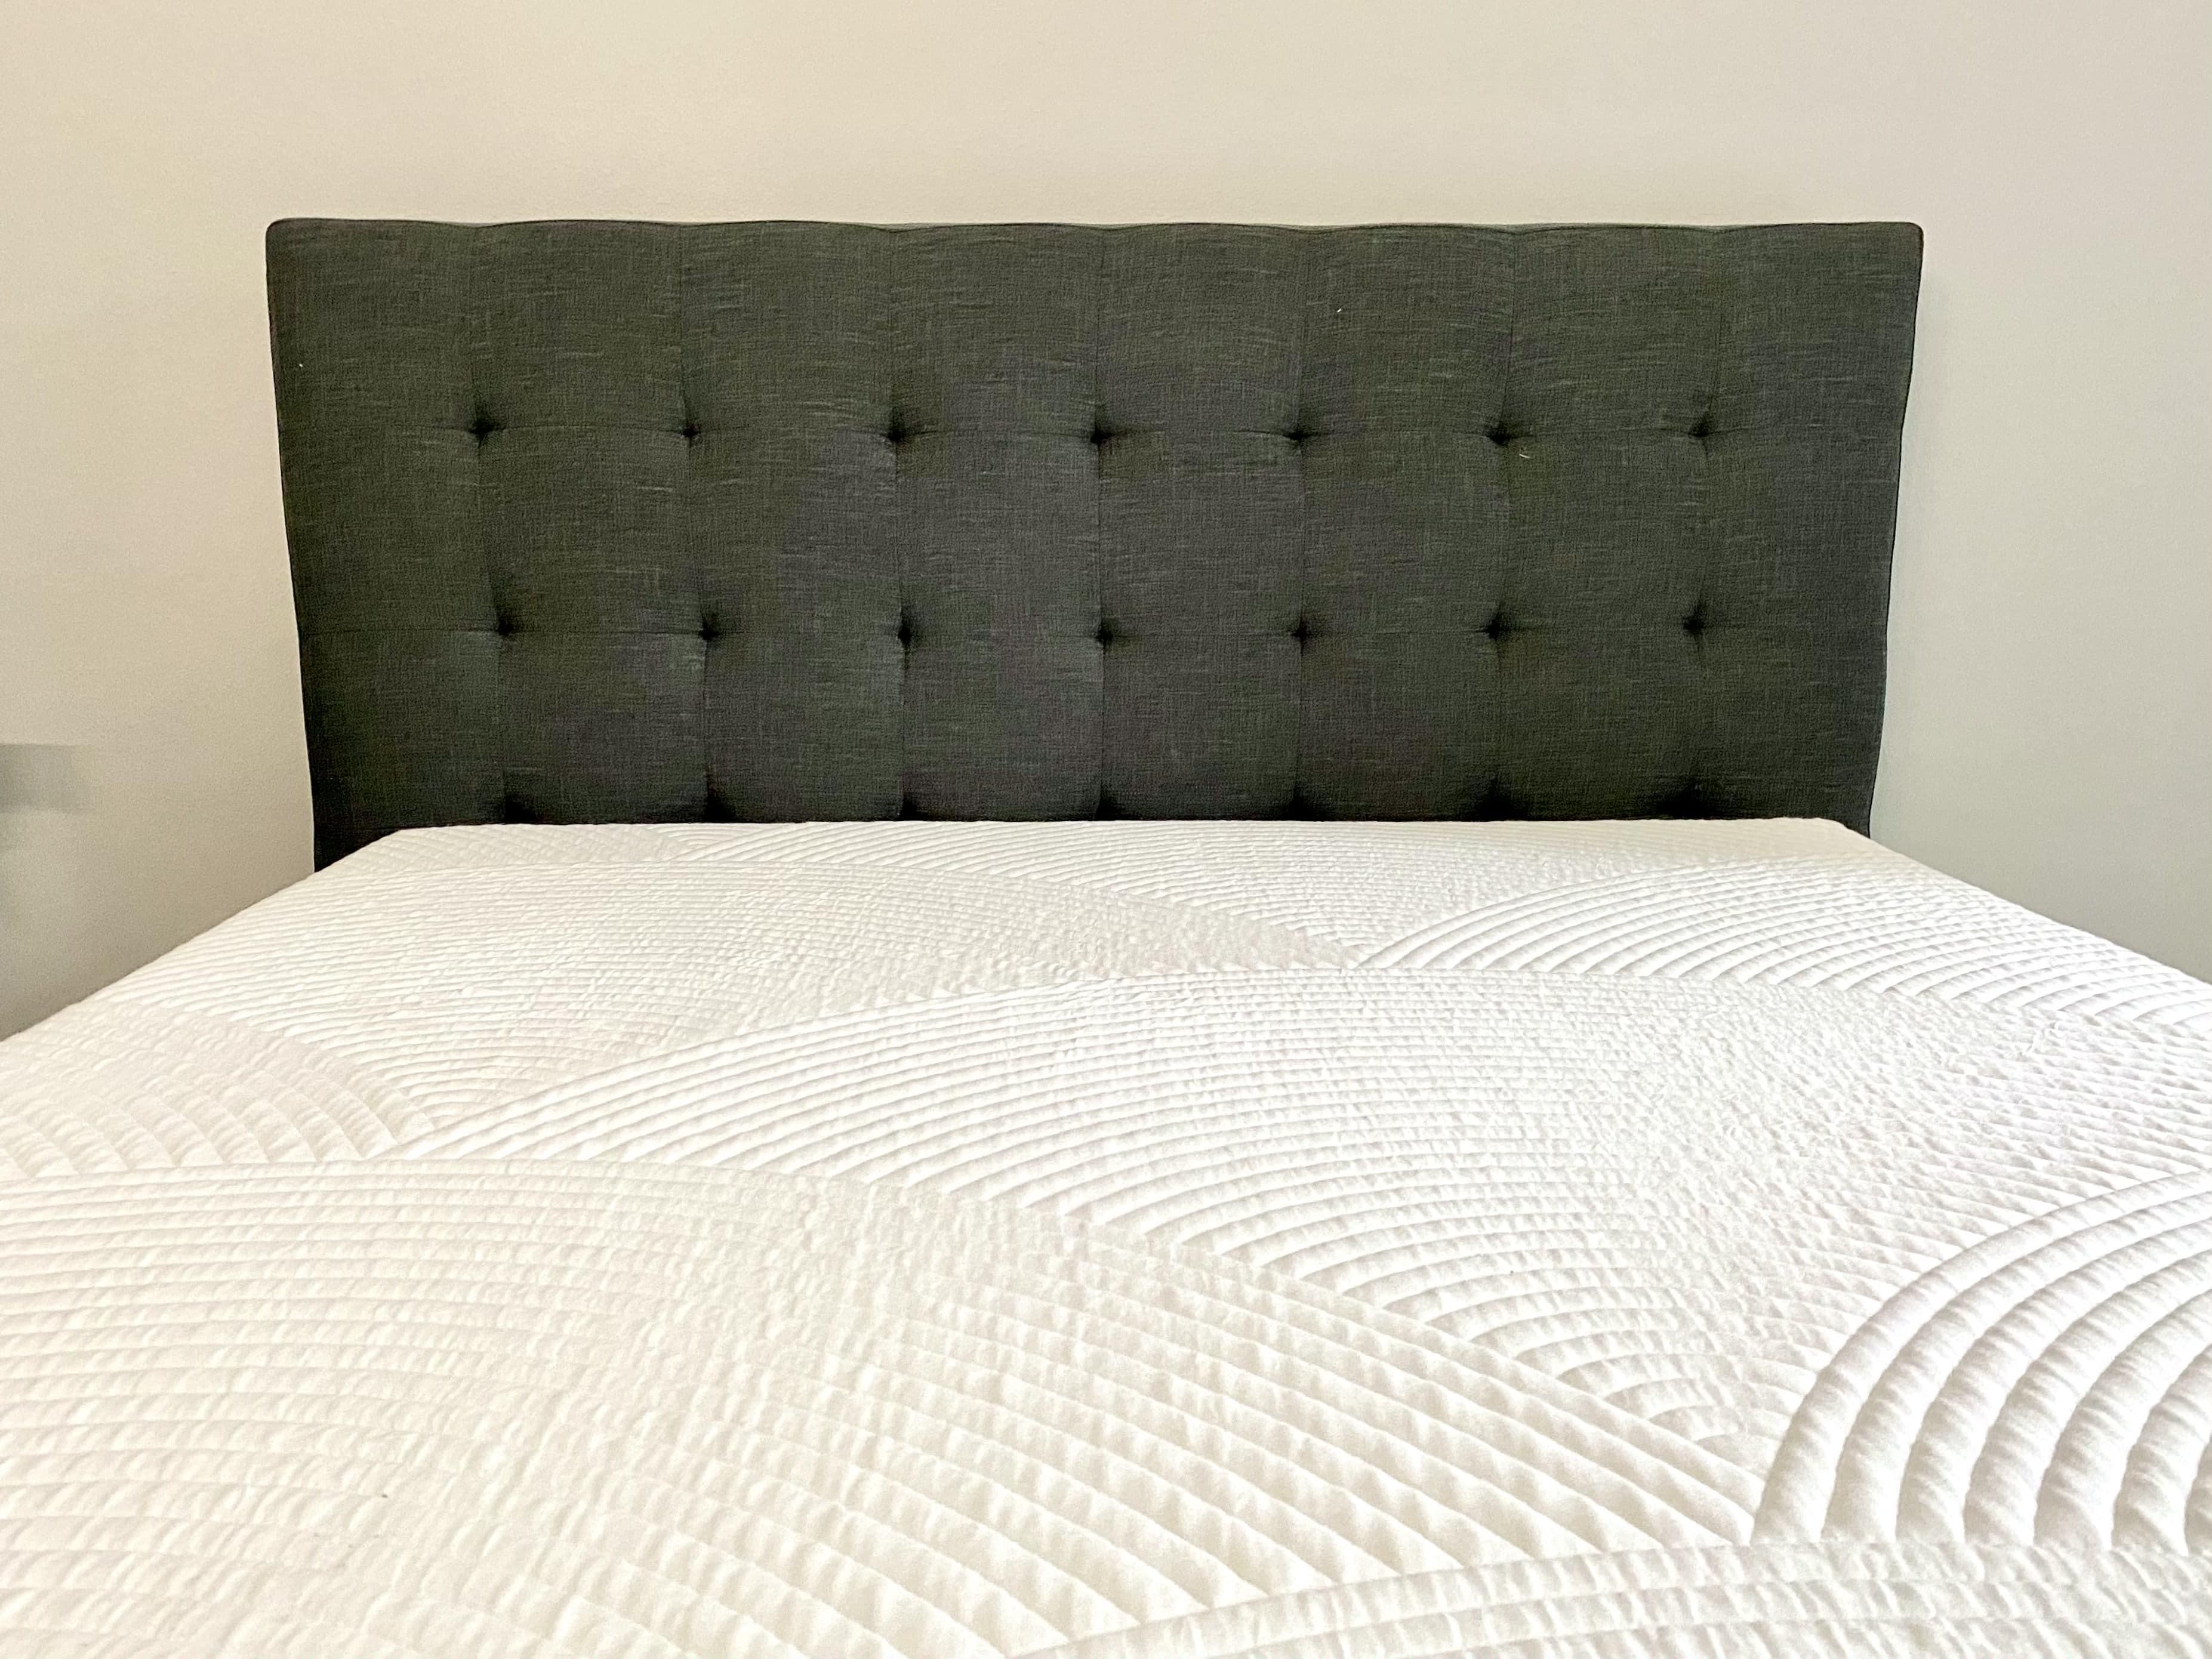 Nolah Mattress coupon and mattress review